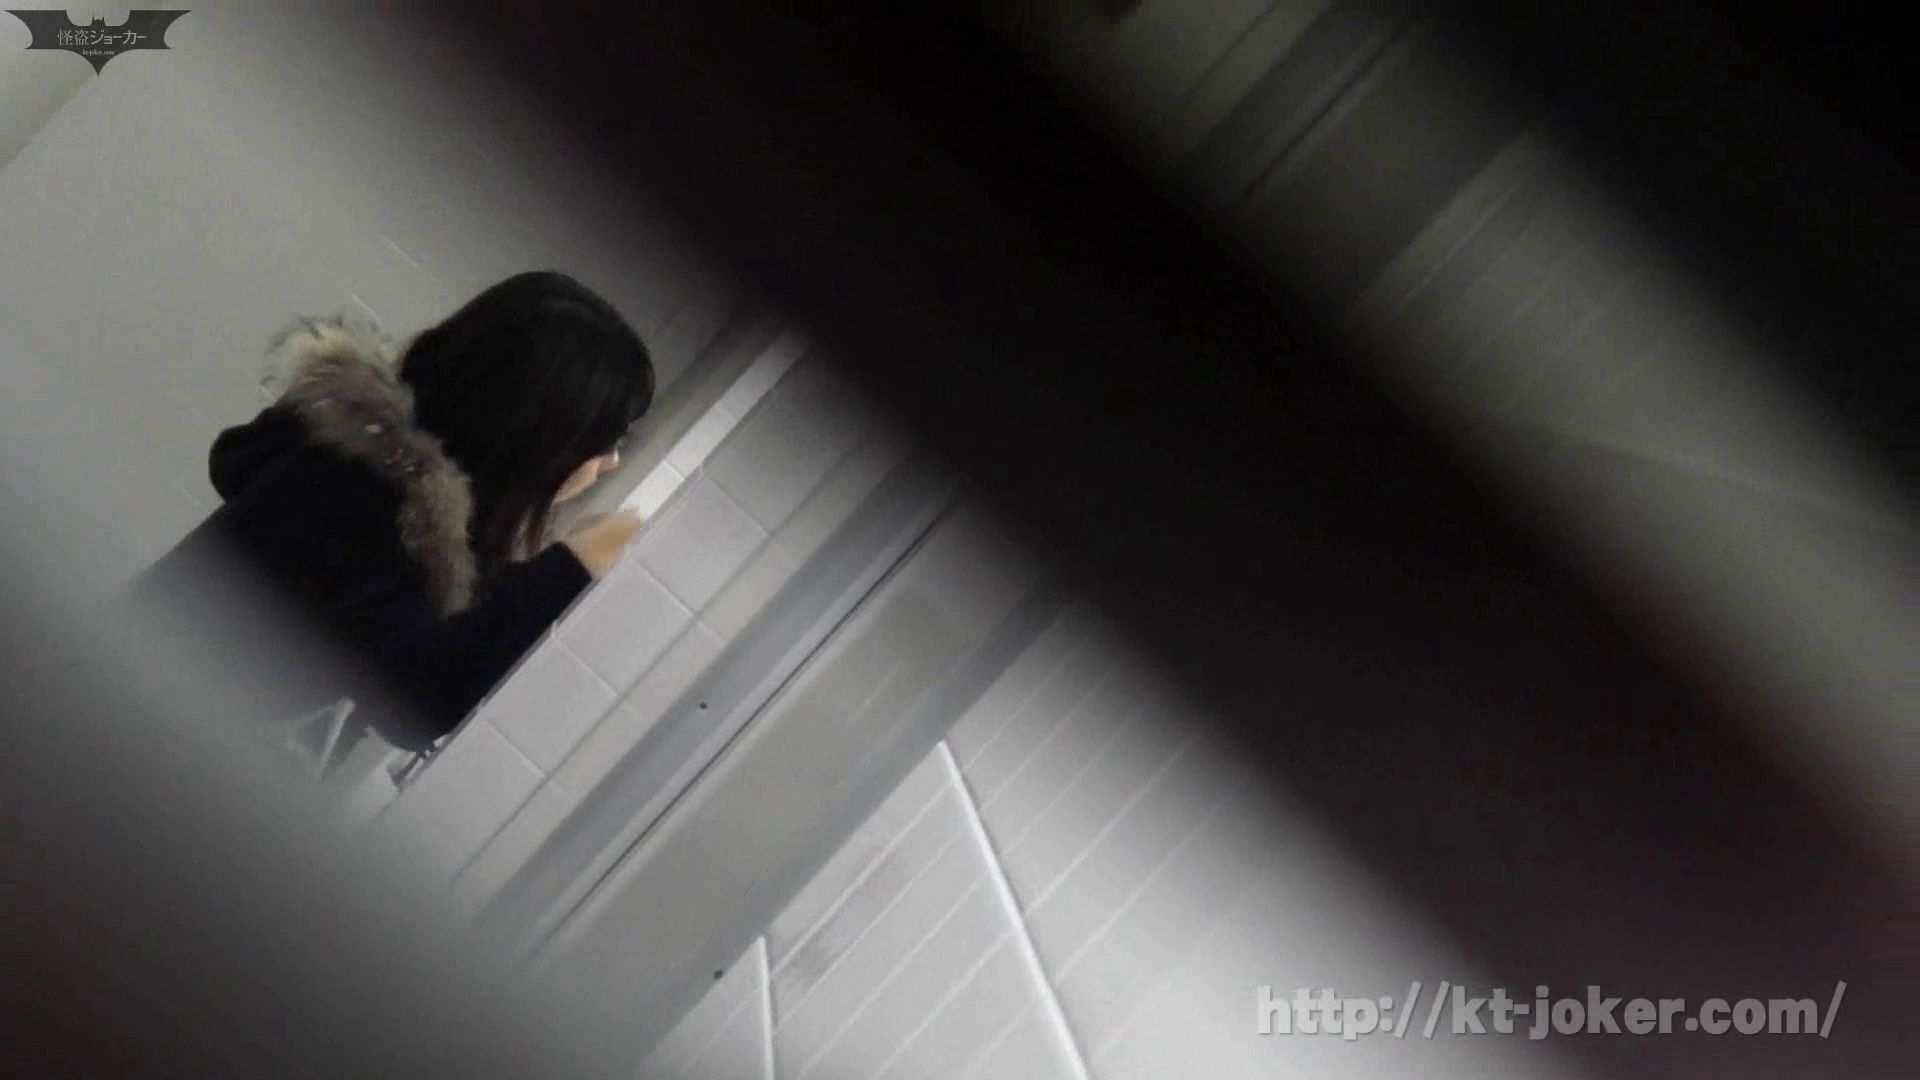 命がけ潜伏洗面所! vol.55 モデル級?「いやモデルだね!」な美女登場! OLヌード天国 隠し撮りオマンコ動画紹介 96PIX 77